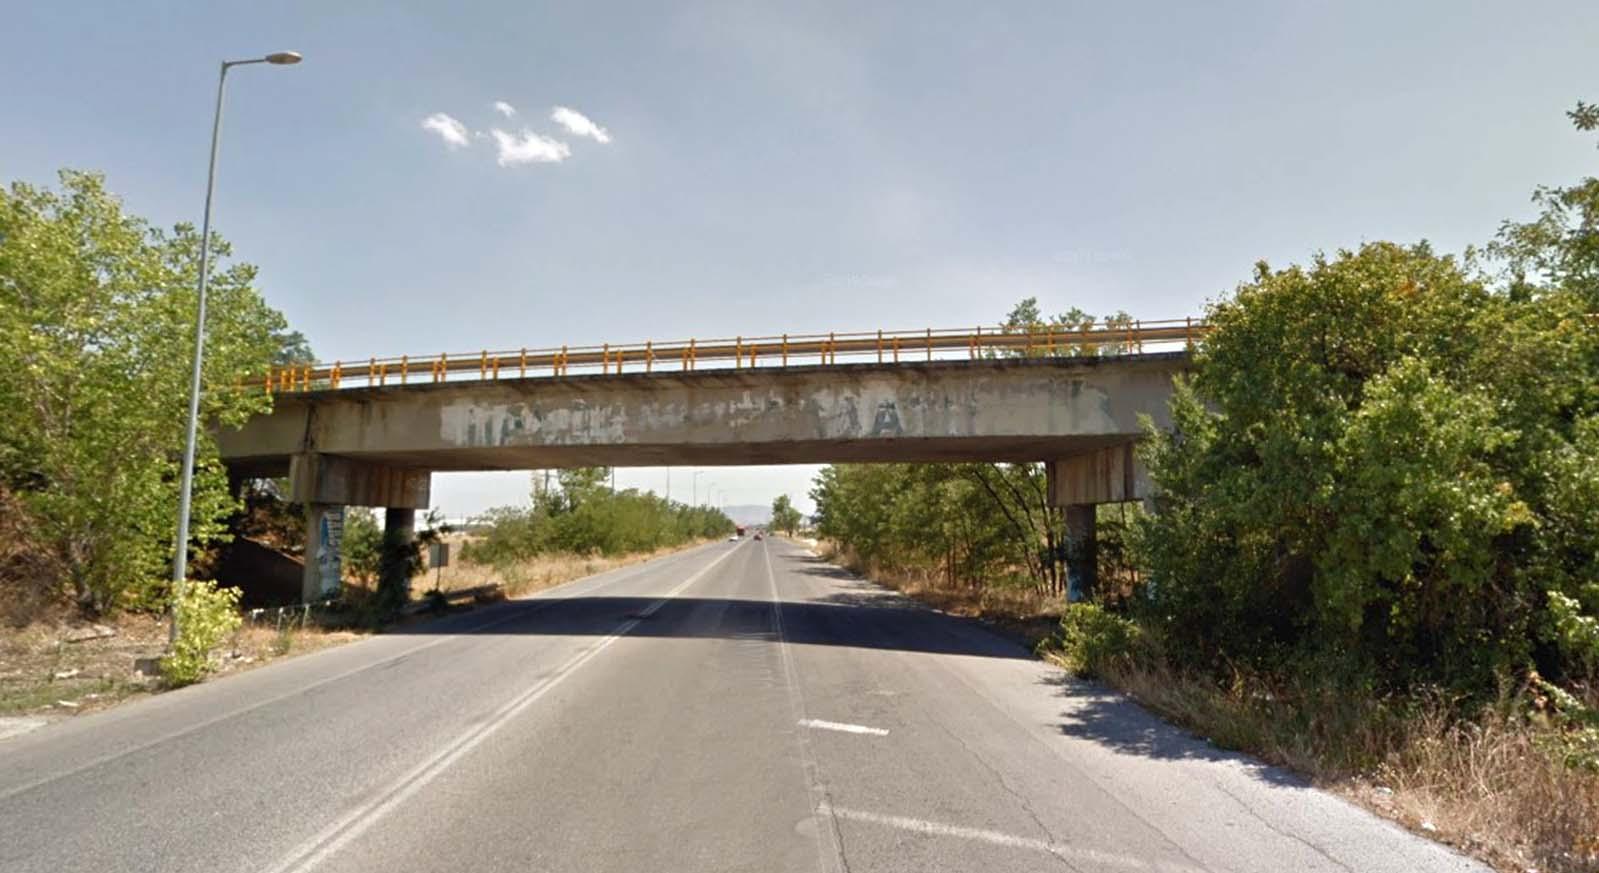 Στο έλεος της φύσης η ΠΕΟ Λάρισας-Αθηνών μετά τον κόμβο Βιοκαρπέτ